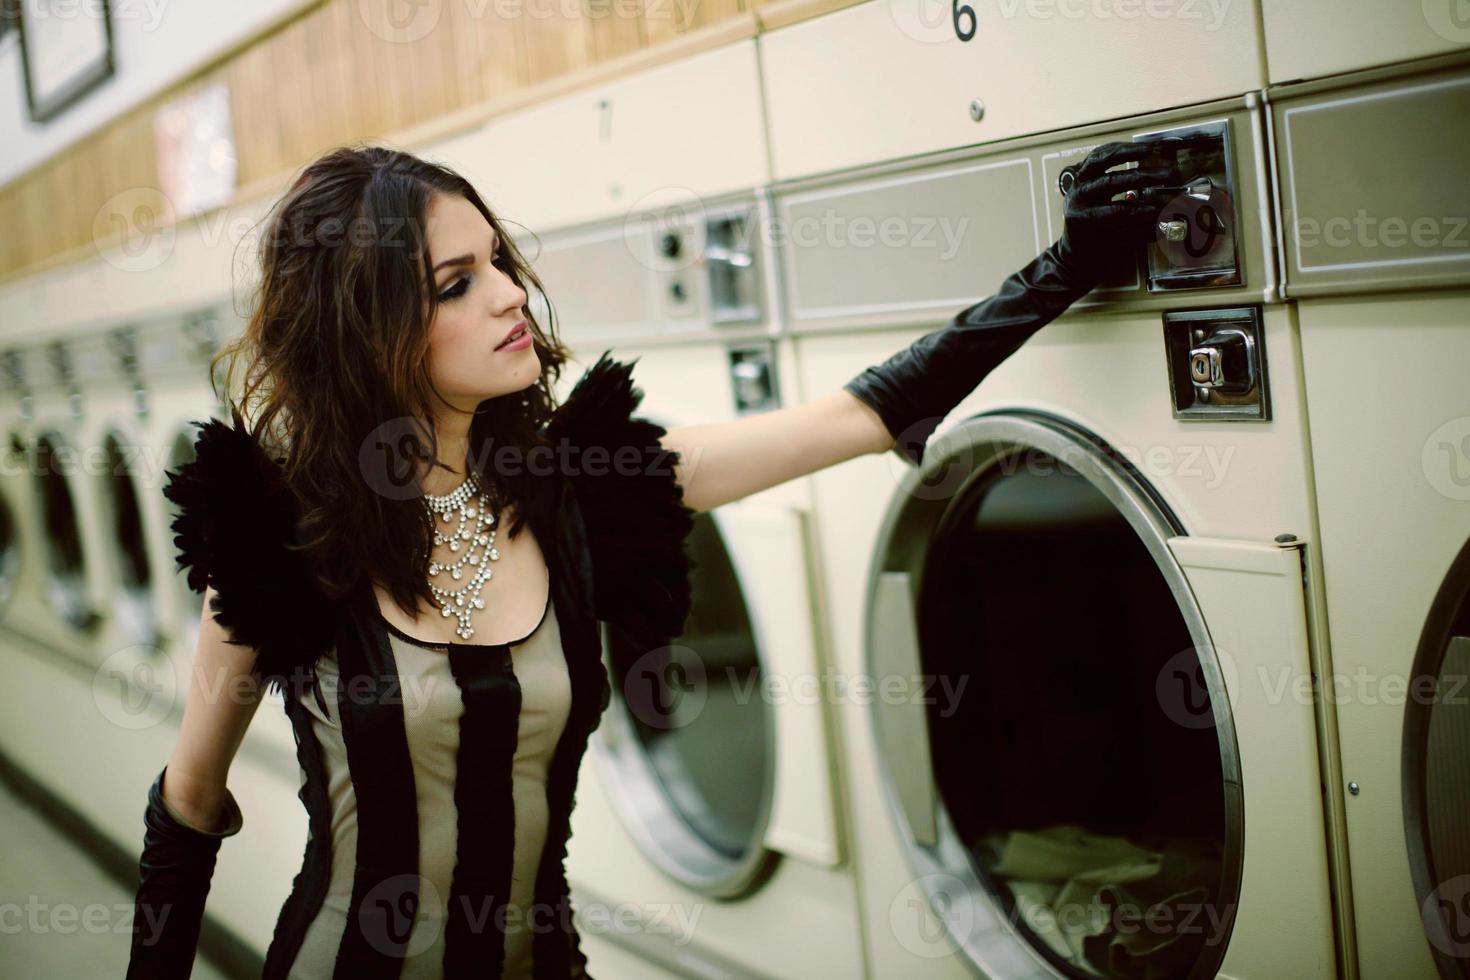 Brünette mit schwarzem Kleid und Handschuhen in Wäschematte foto